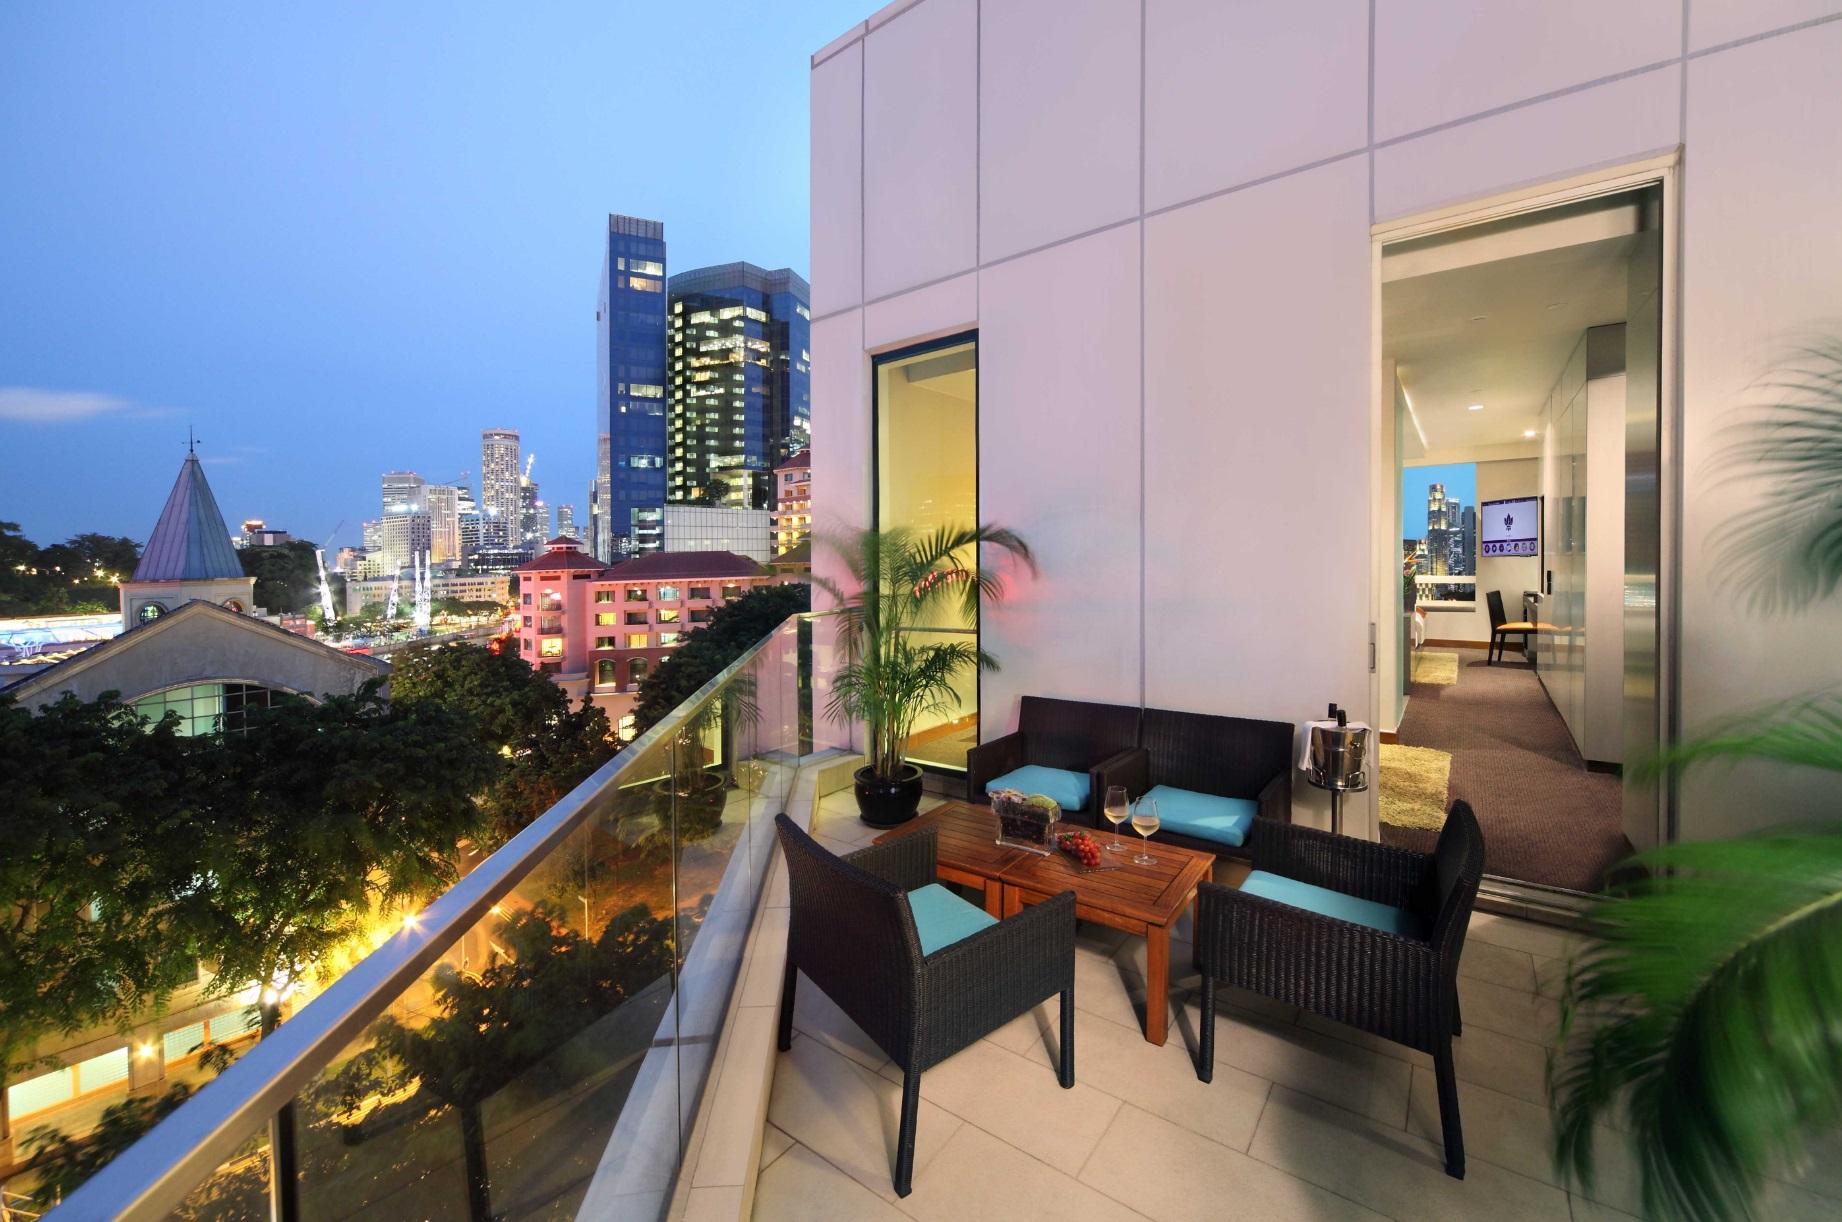 싱가포르호텔객실2.jpg